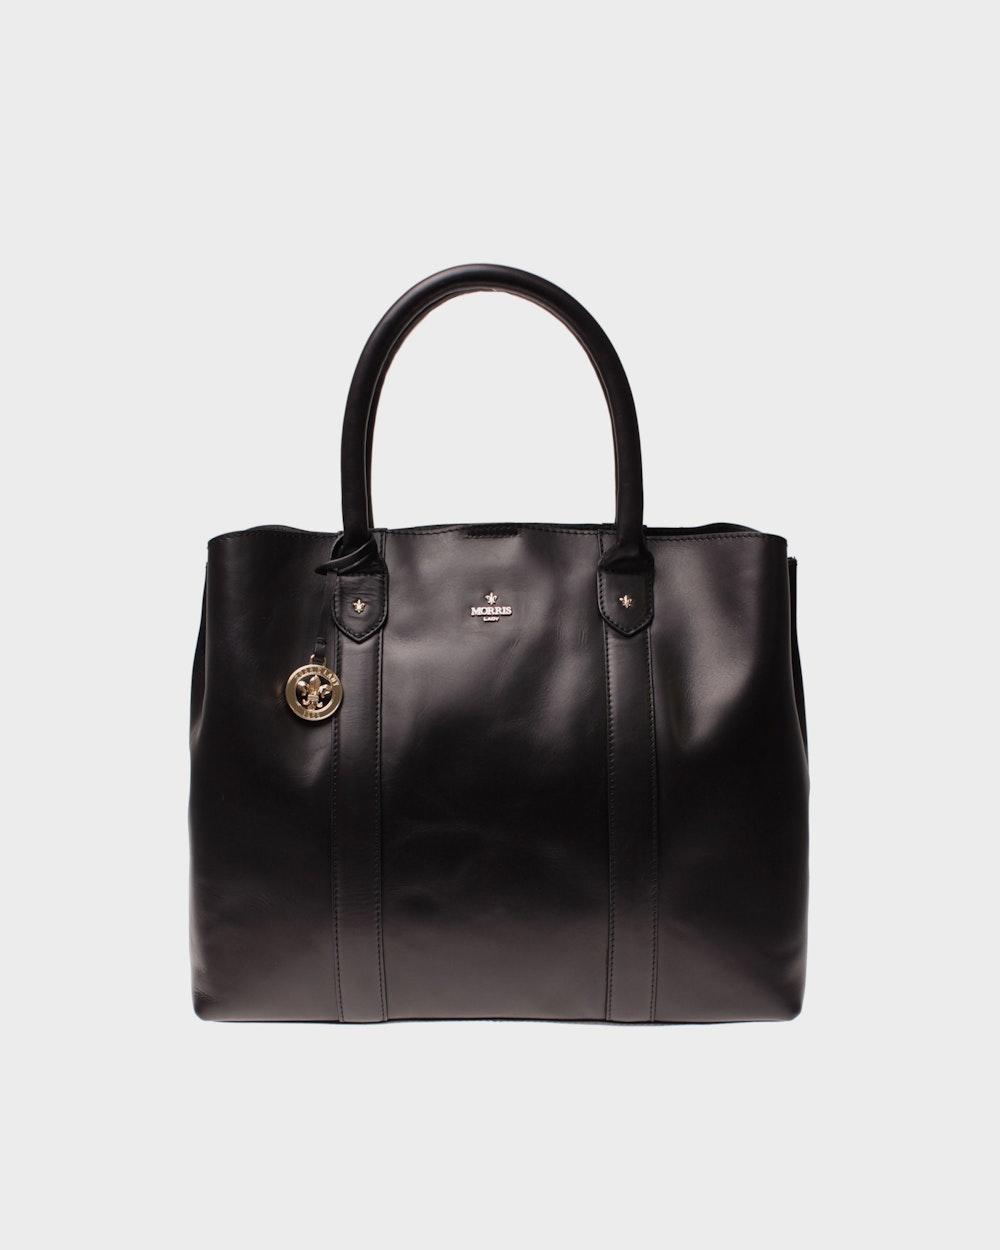 Kate tote bag Black Morris